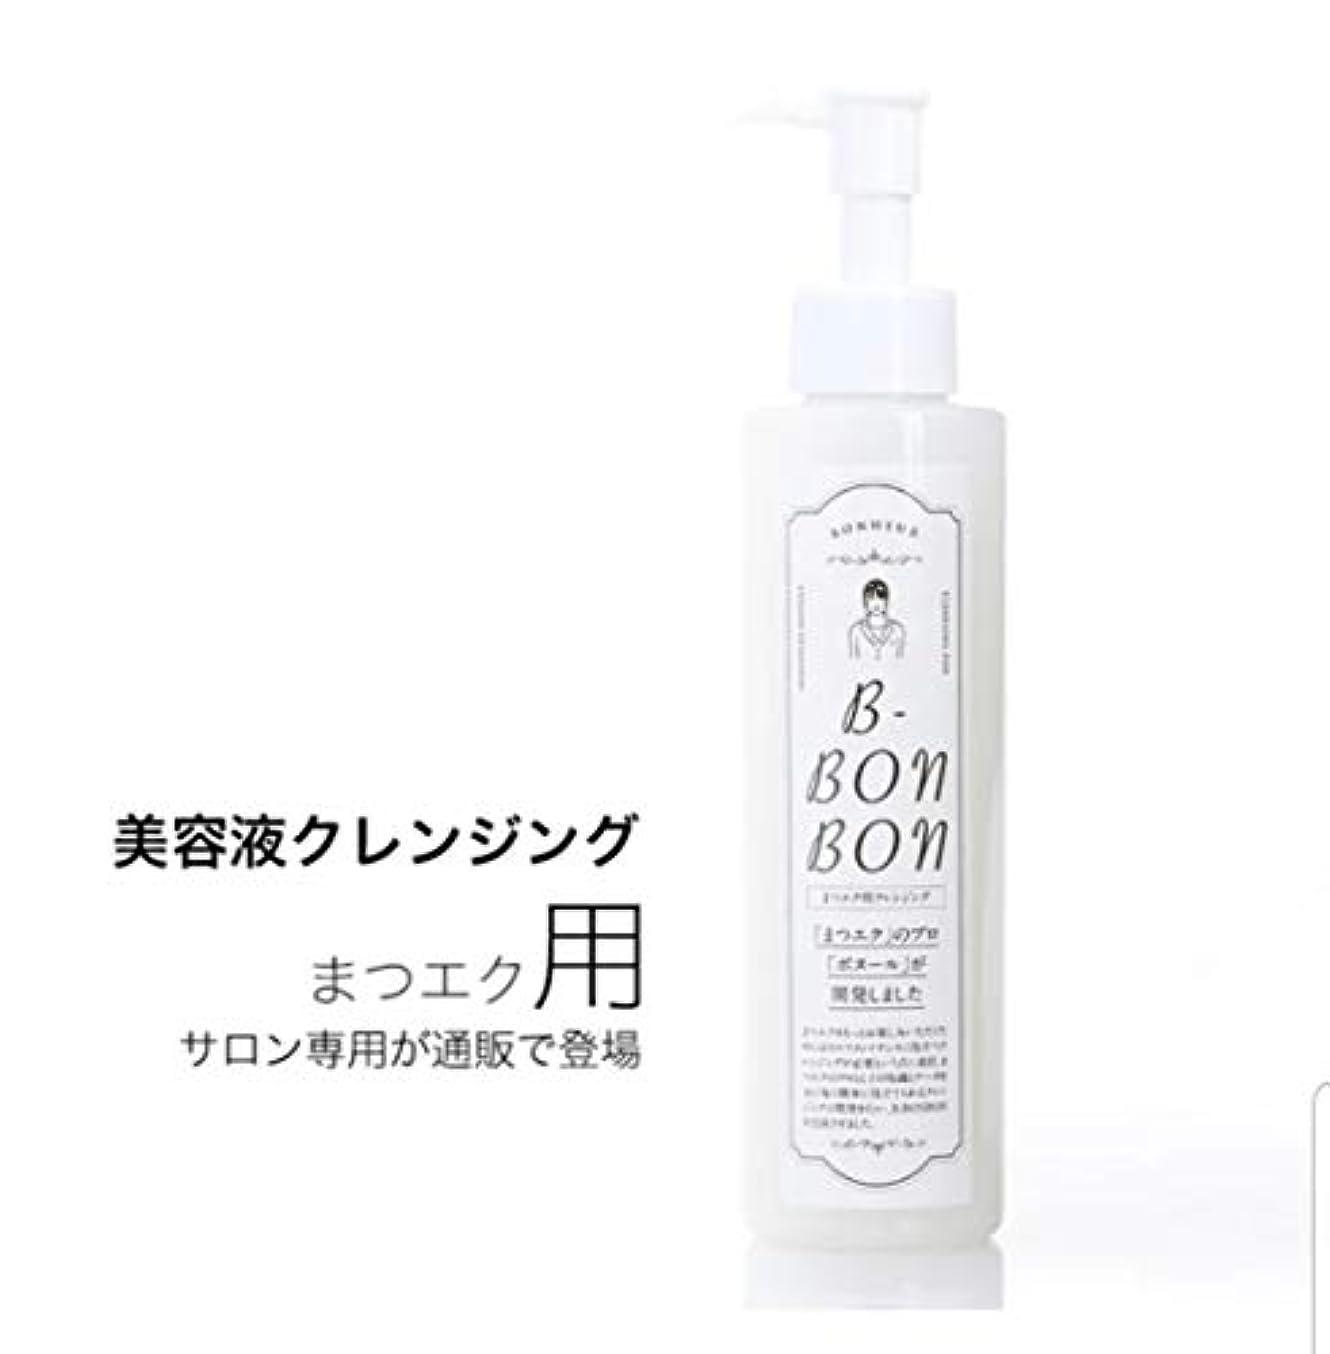 熟練したねばねば吐き出すマツエククレンジング B-BonBon ビーボンボン オイルフリー 2か月分 サロンクォリティー